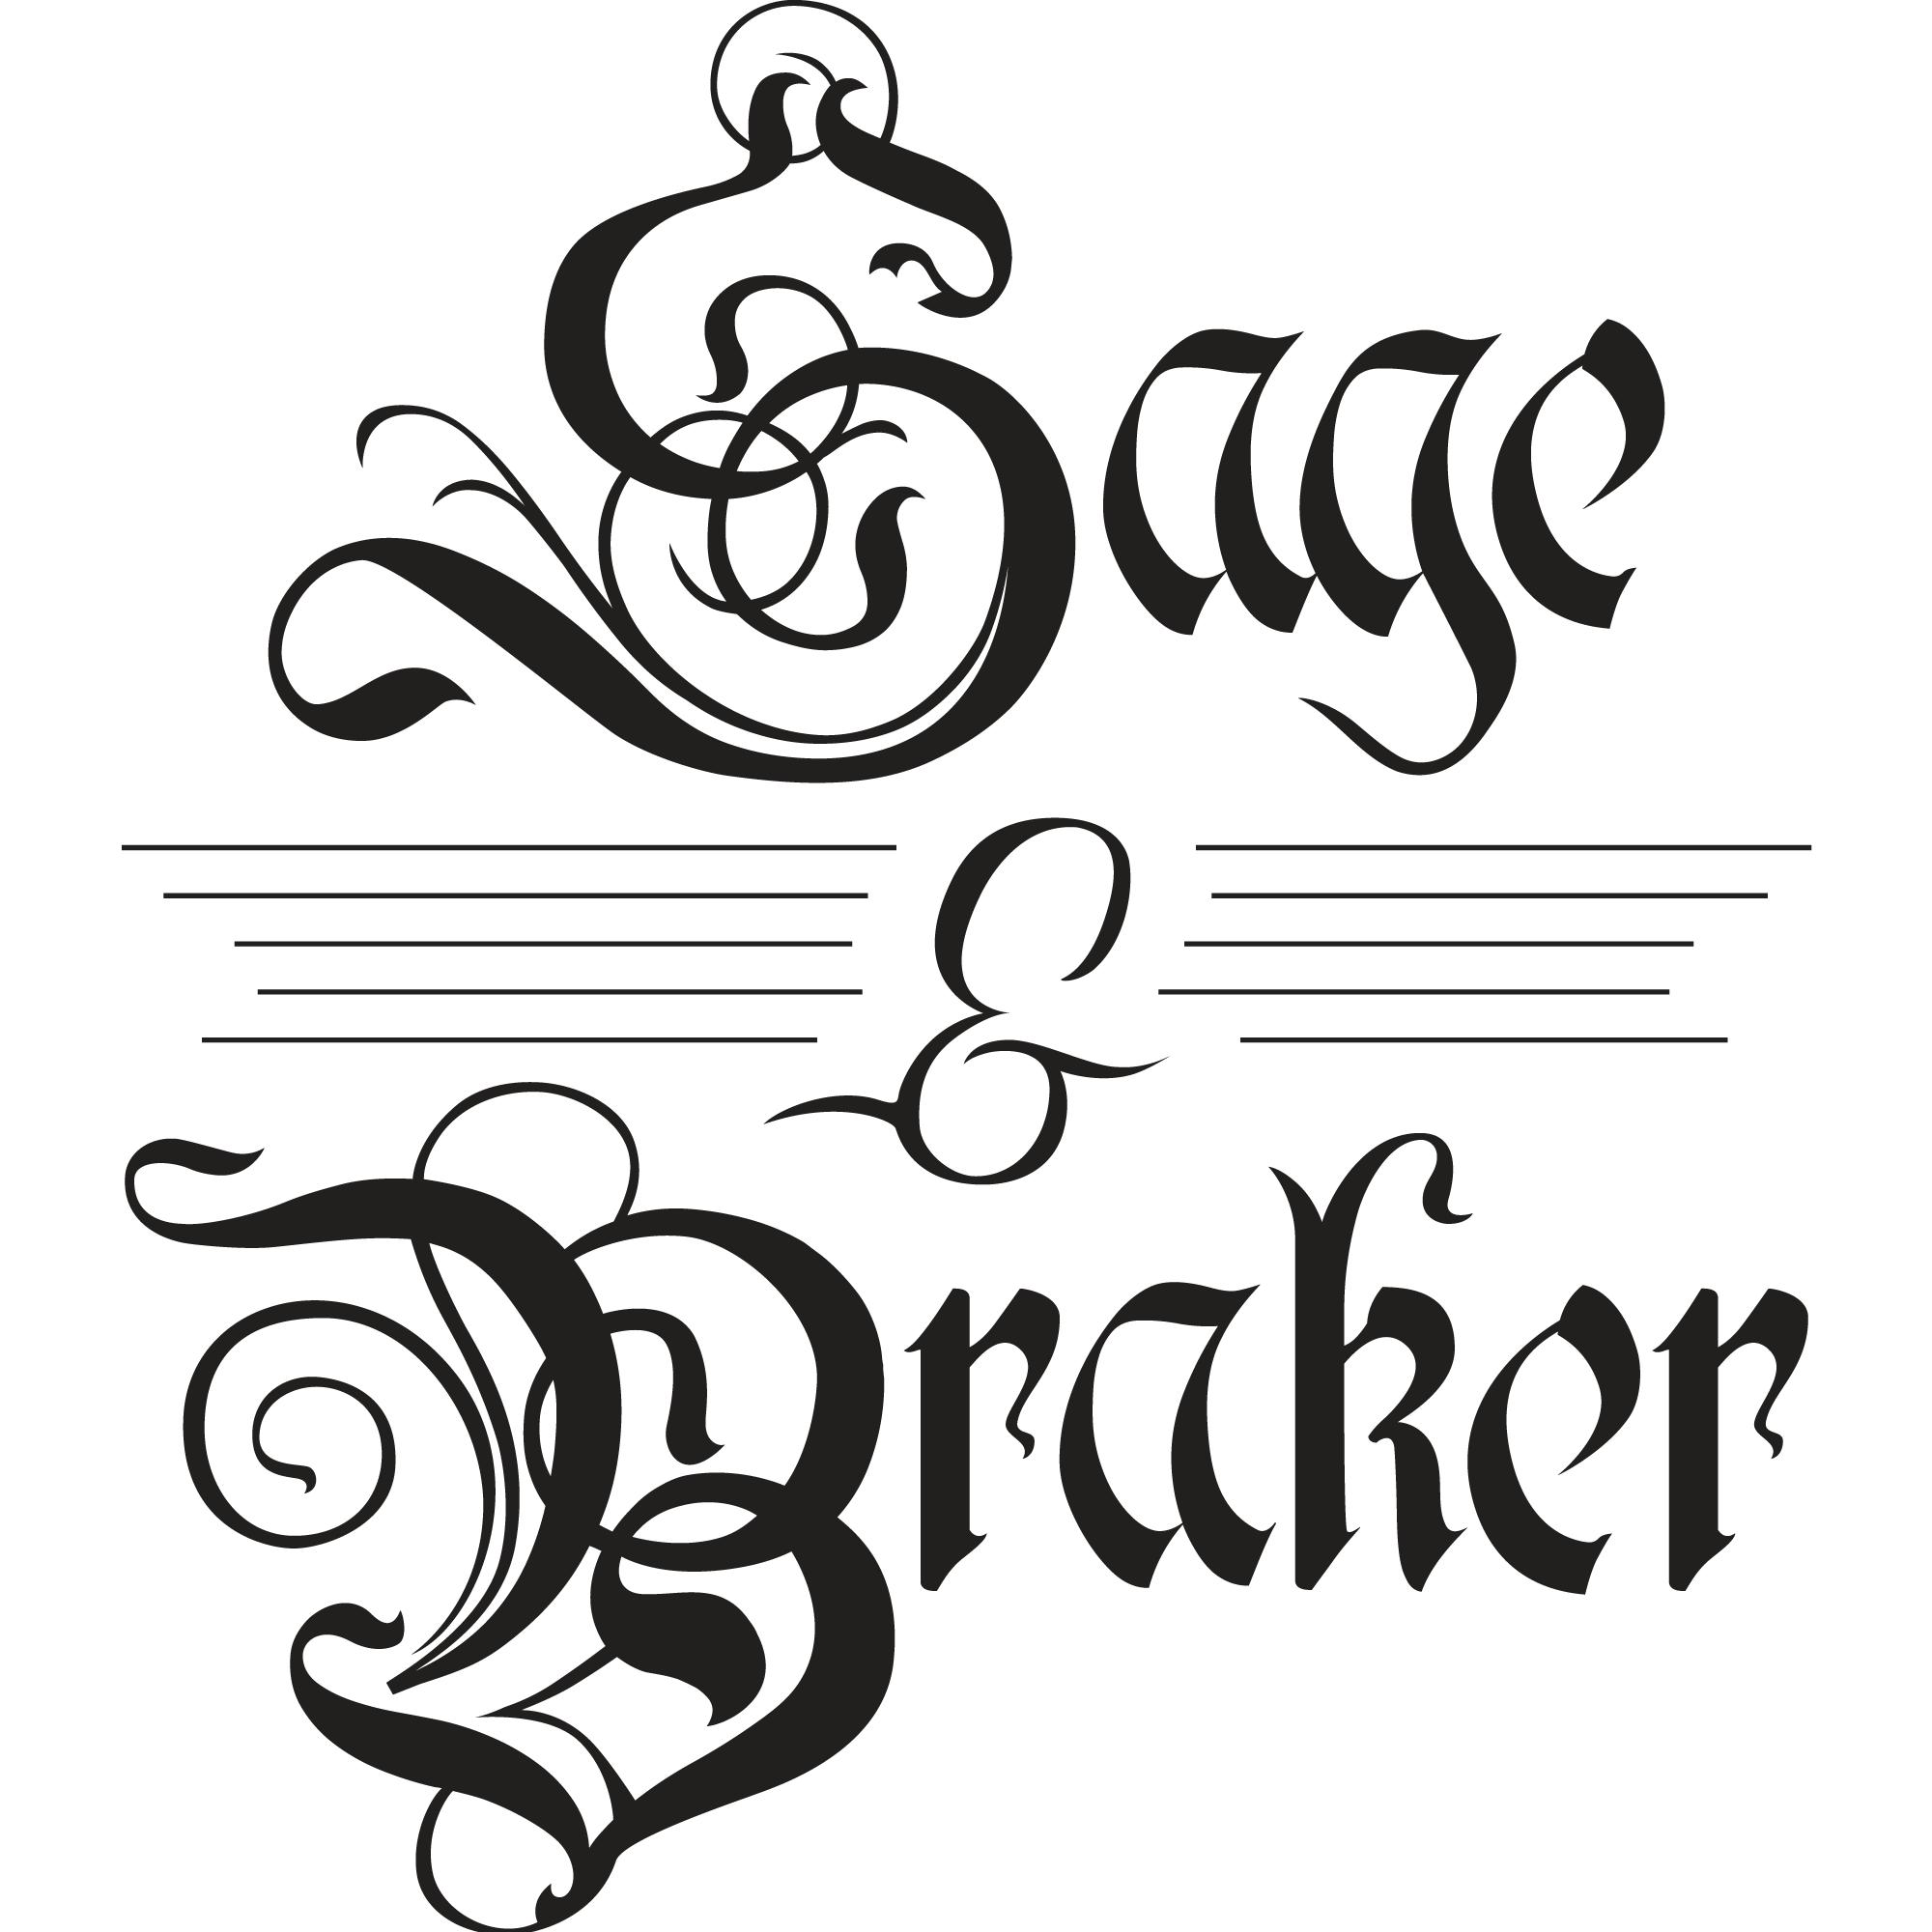 Sage & Braker